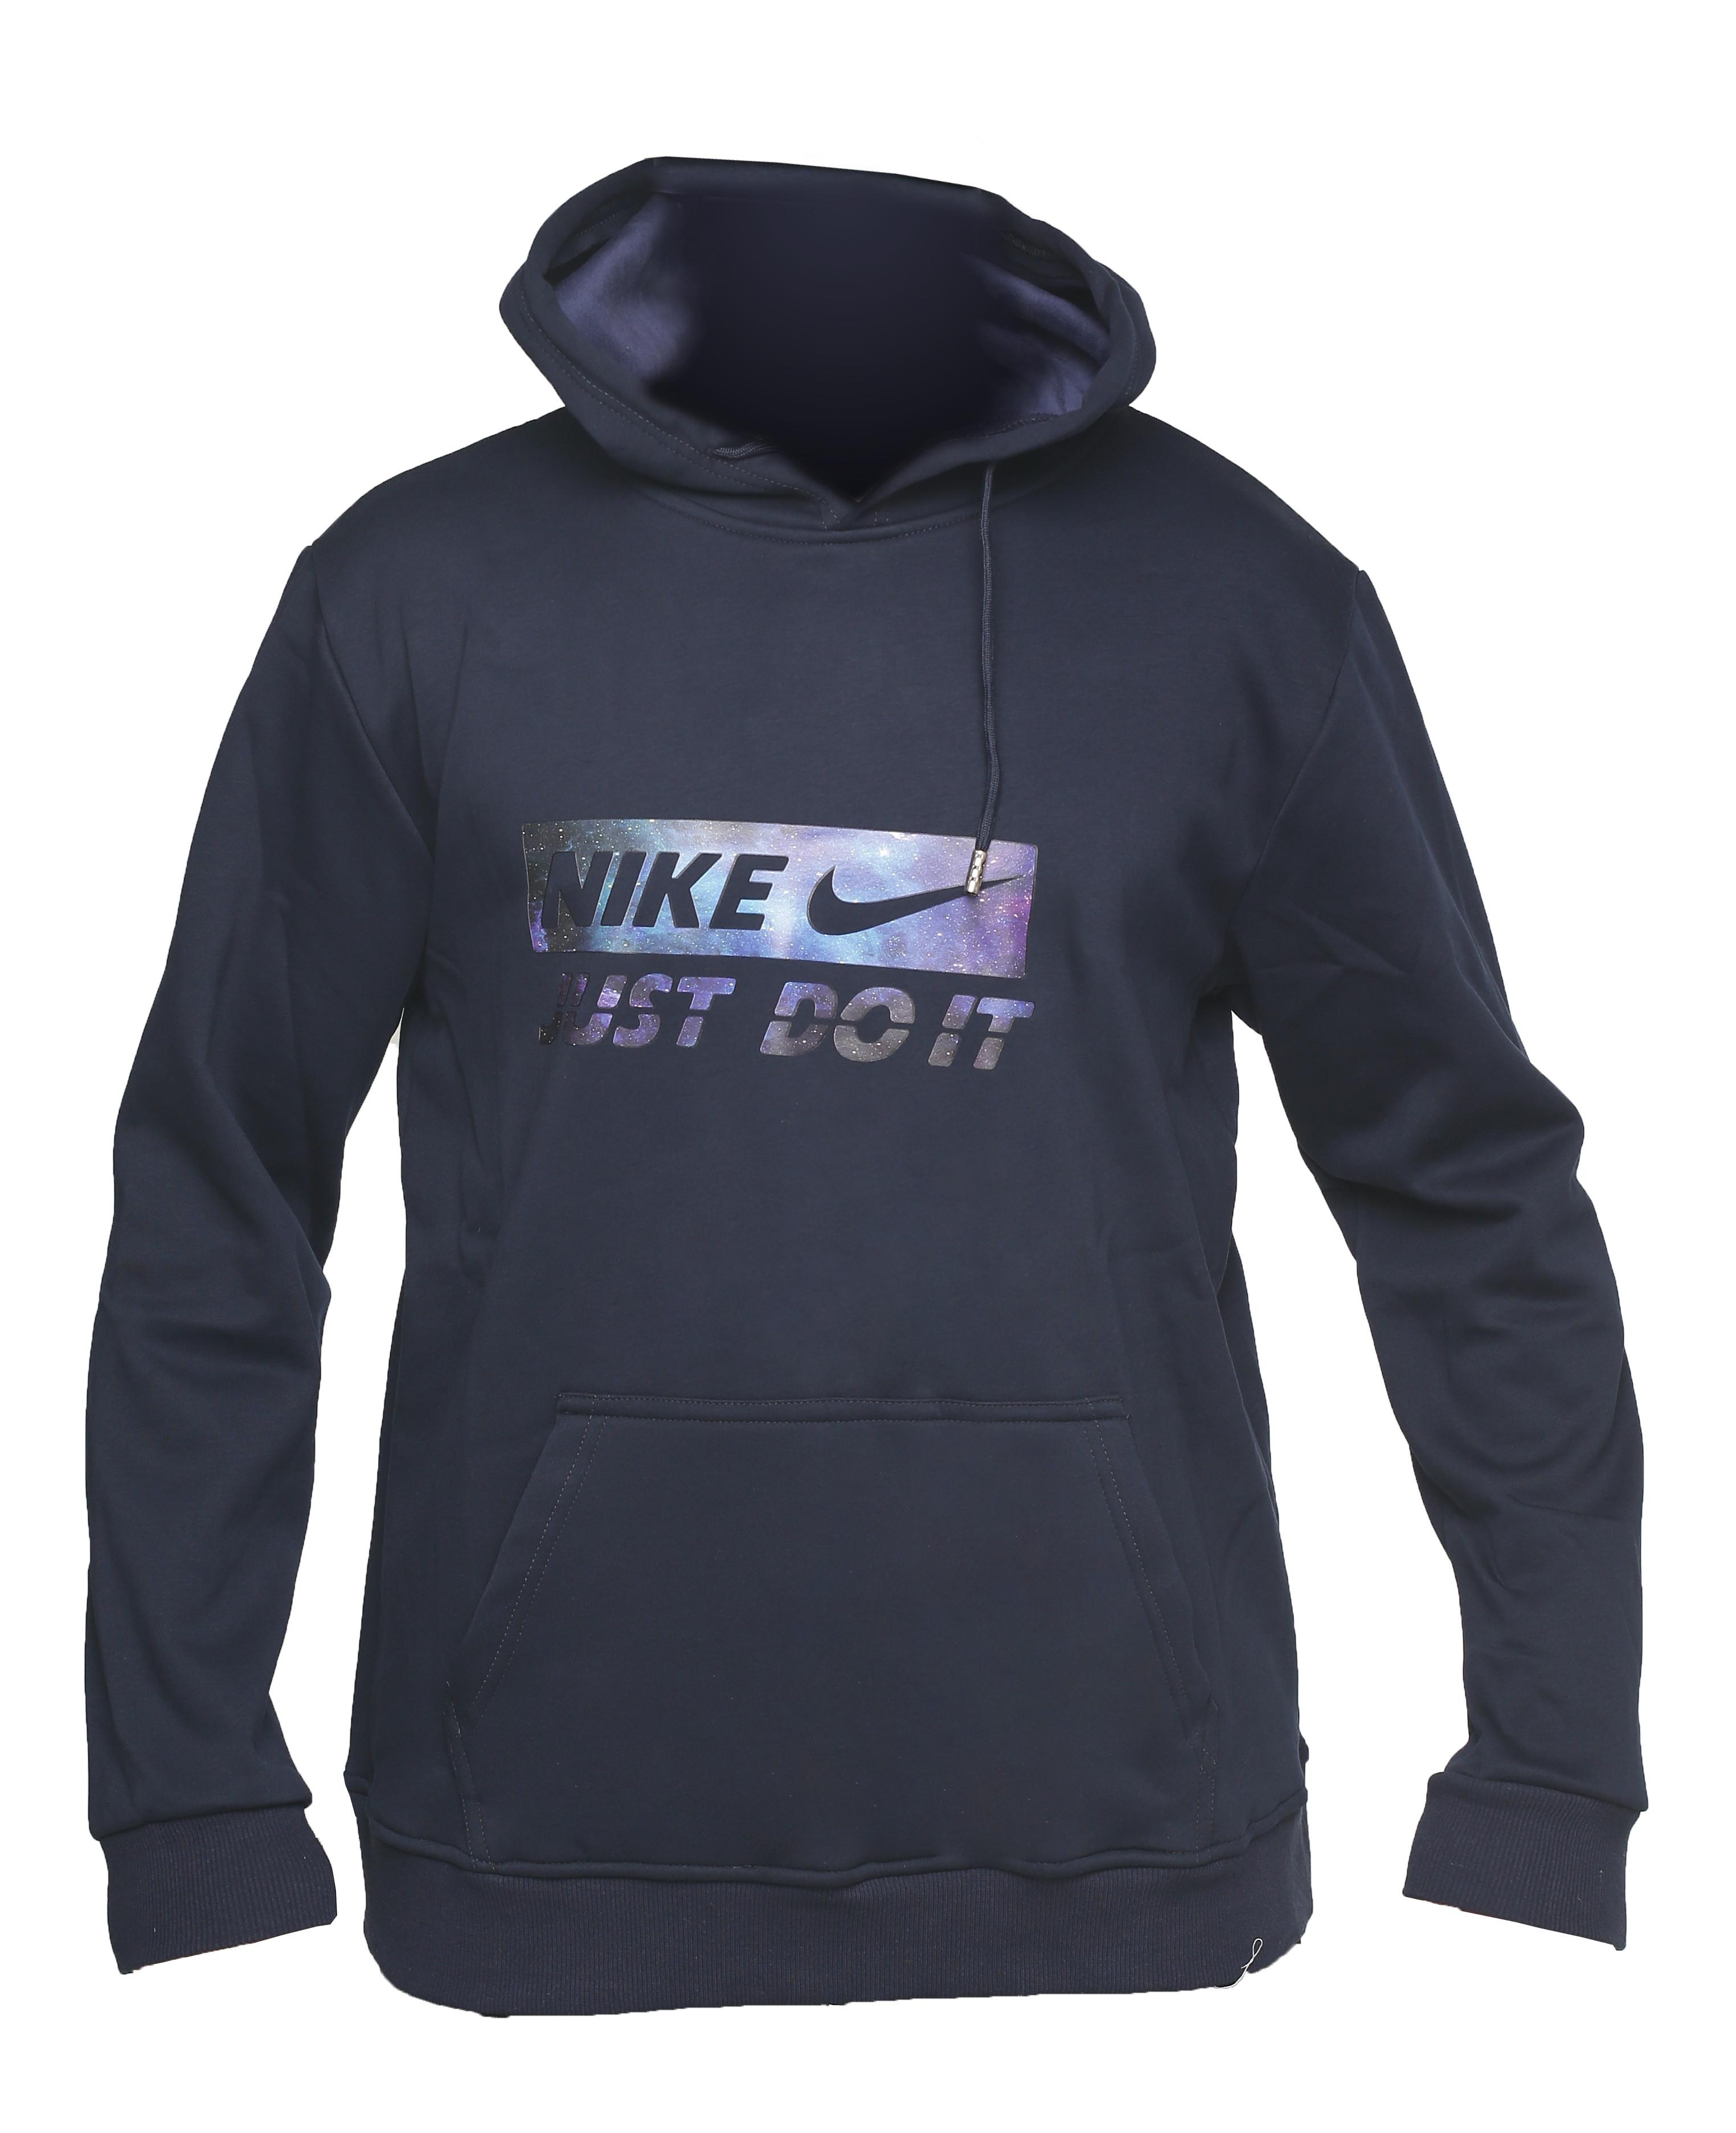 8c27246c Худи Nike Just Do It Blue Wd6621: где купить недорого - по цене от 2990 руб.